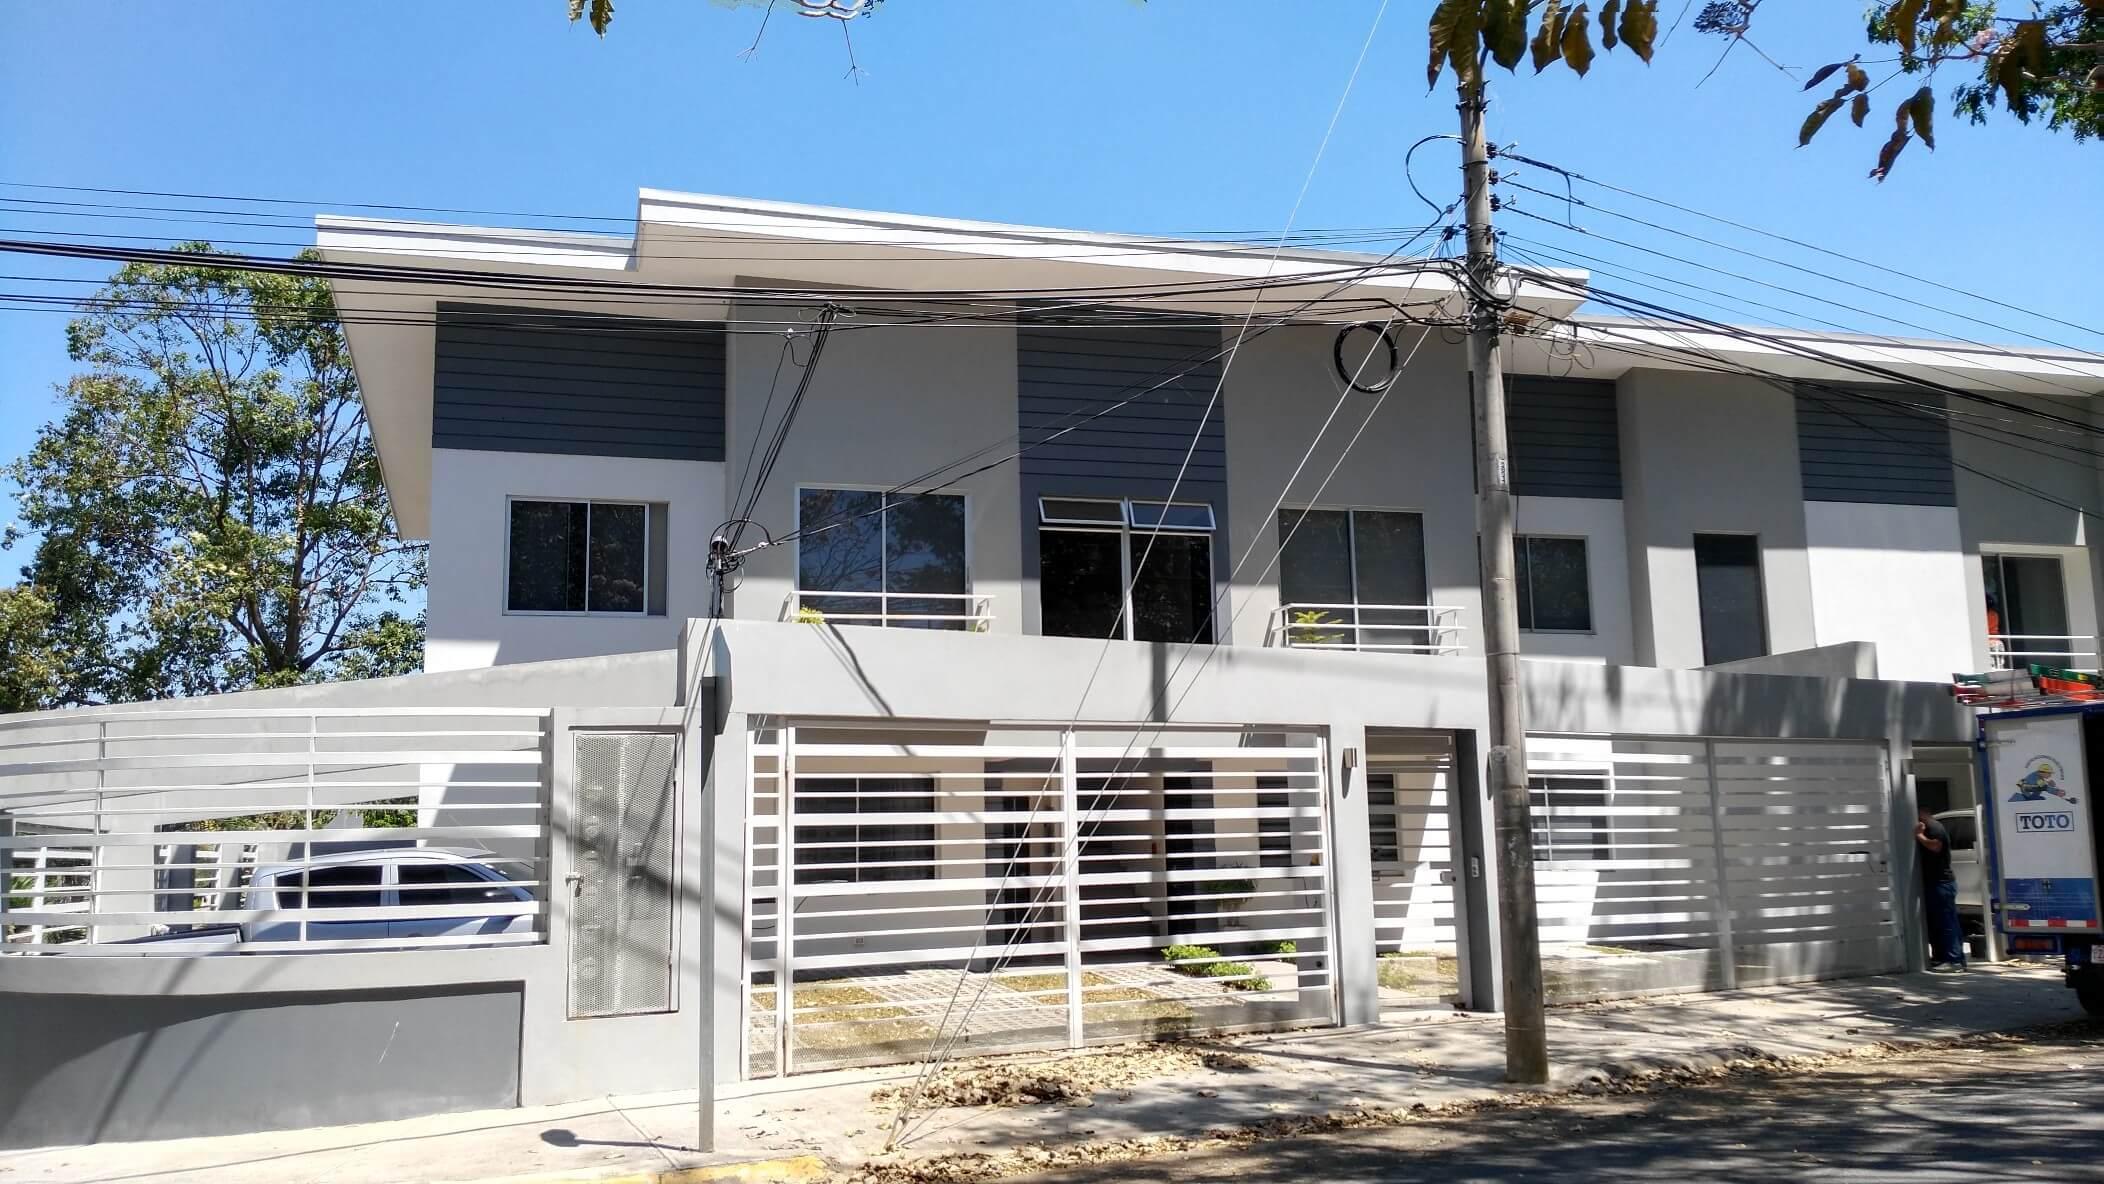 Condominio residencial sol y luna mora arquitectos for Sol residencial